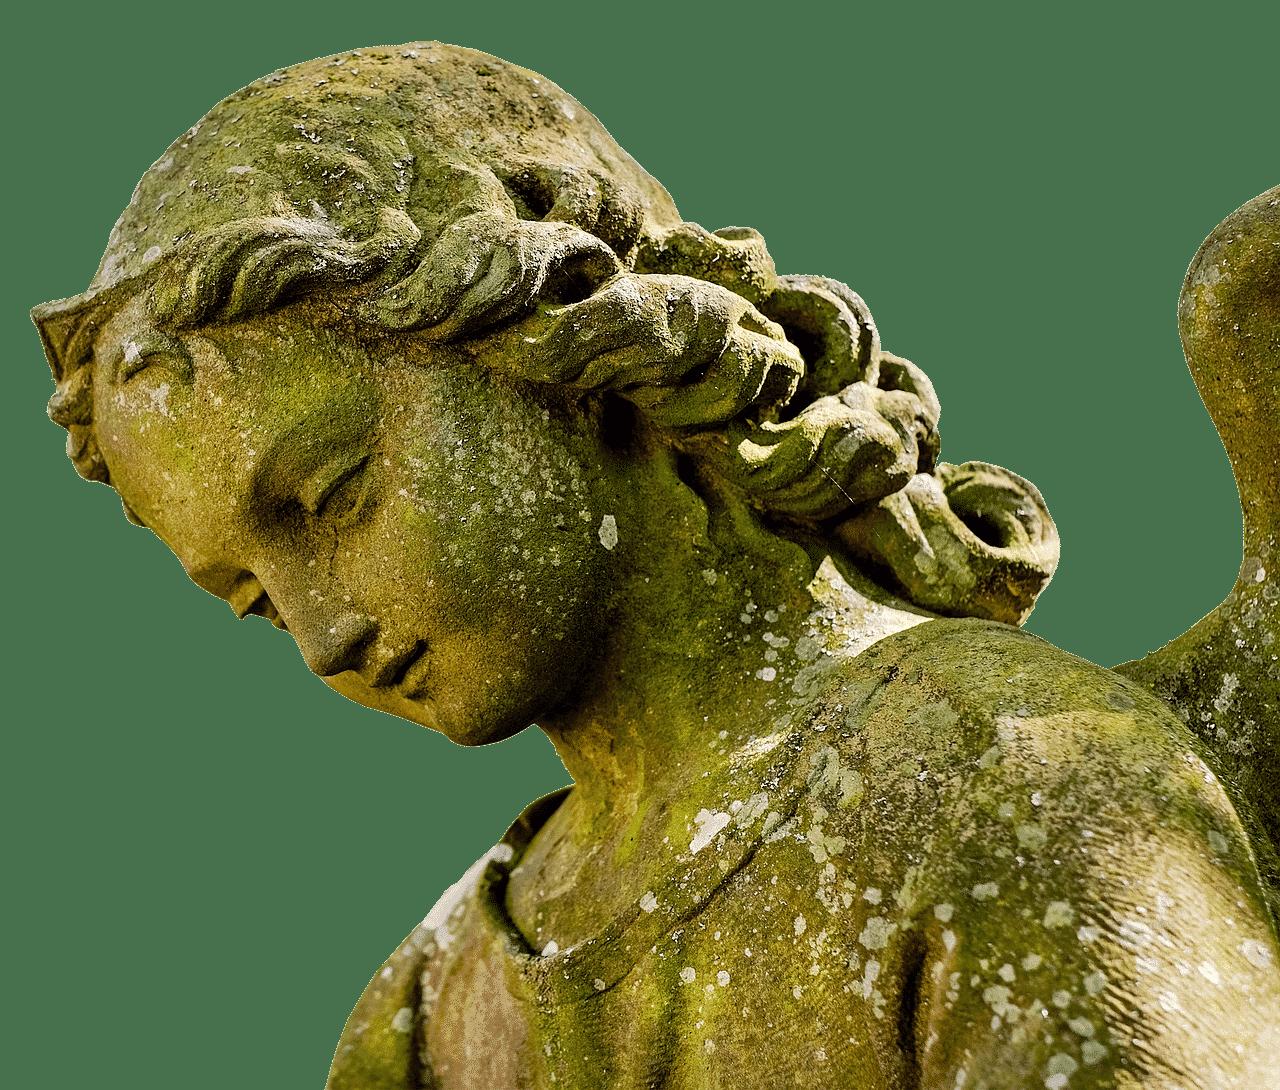 Θρήνος για τον θάνατο Σγου ε.α. από την ΕΣΠΕΕ Αρκαδίας Κορονοϊός Ελλάδα: 13 οι νεκροί – Οι 3 πέθαναν σήμερα Στρατός Ξηράς: Θρήνος! 50χρονος Ανθυπασπιστής νεκρός στη Φλώρινα Θρήνος! Πέθανε στο 401 ΓΣΝΑ ο ΕΠΟΠ - θύμα τροχαίου στην Χίο